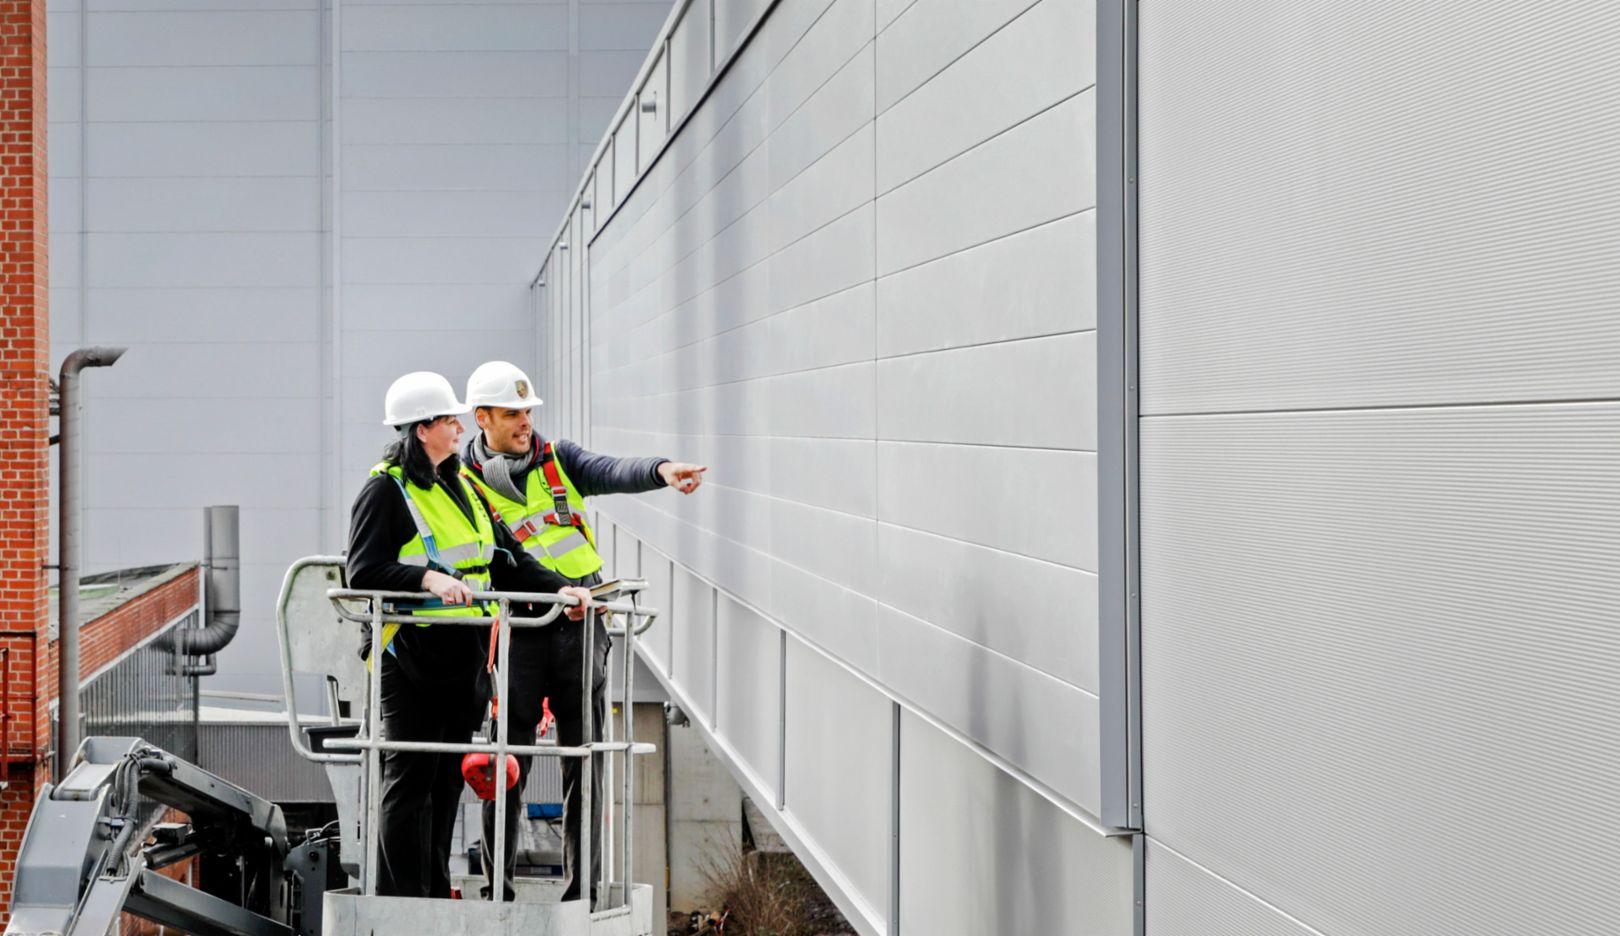 Завод с нулевыми выбросами СО2, производство модели Taycan, Цуффенхаузен, 2019, Porsche AG